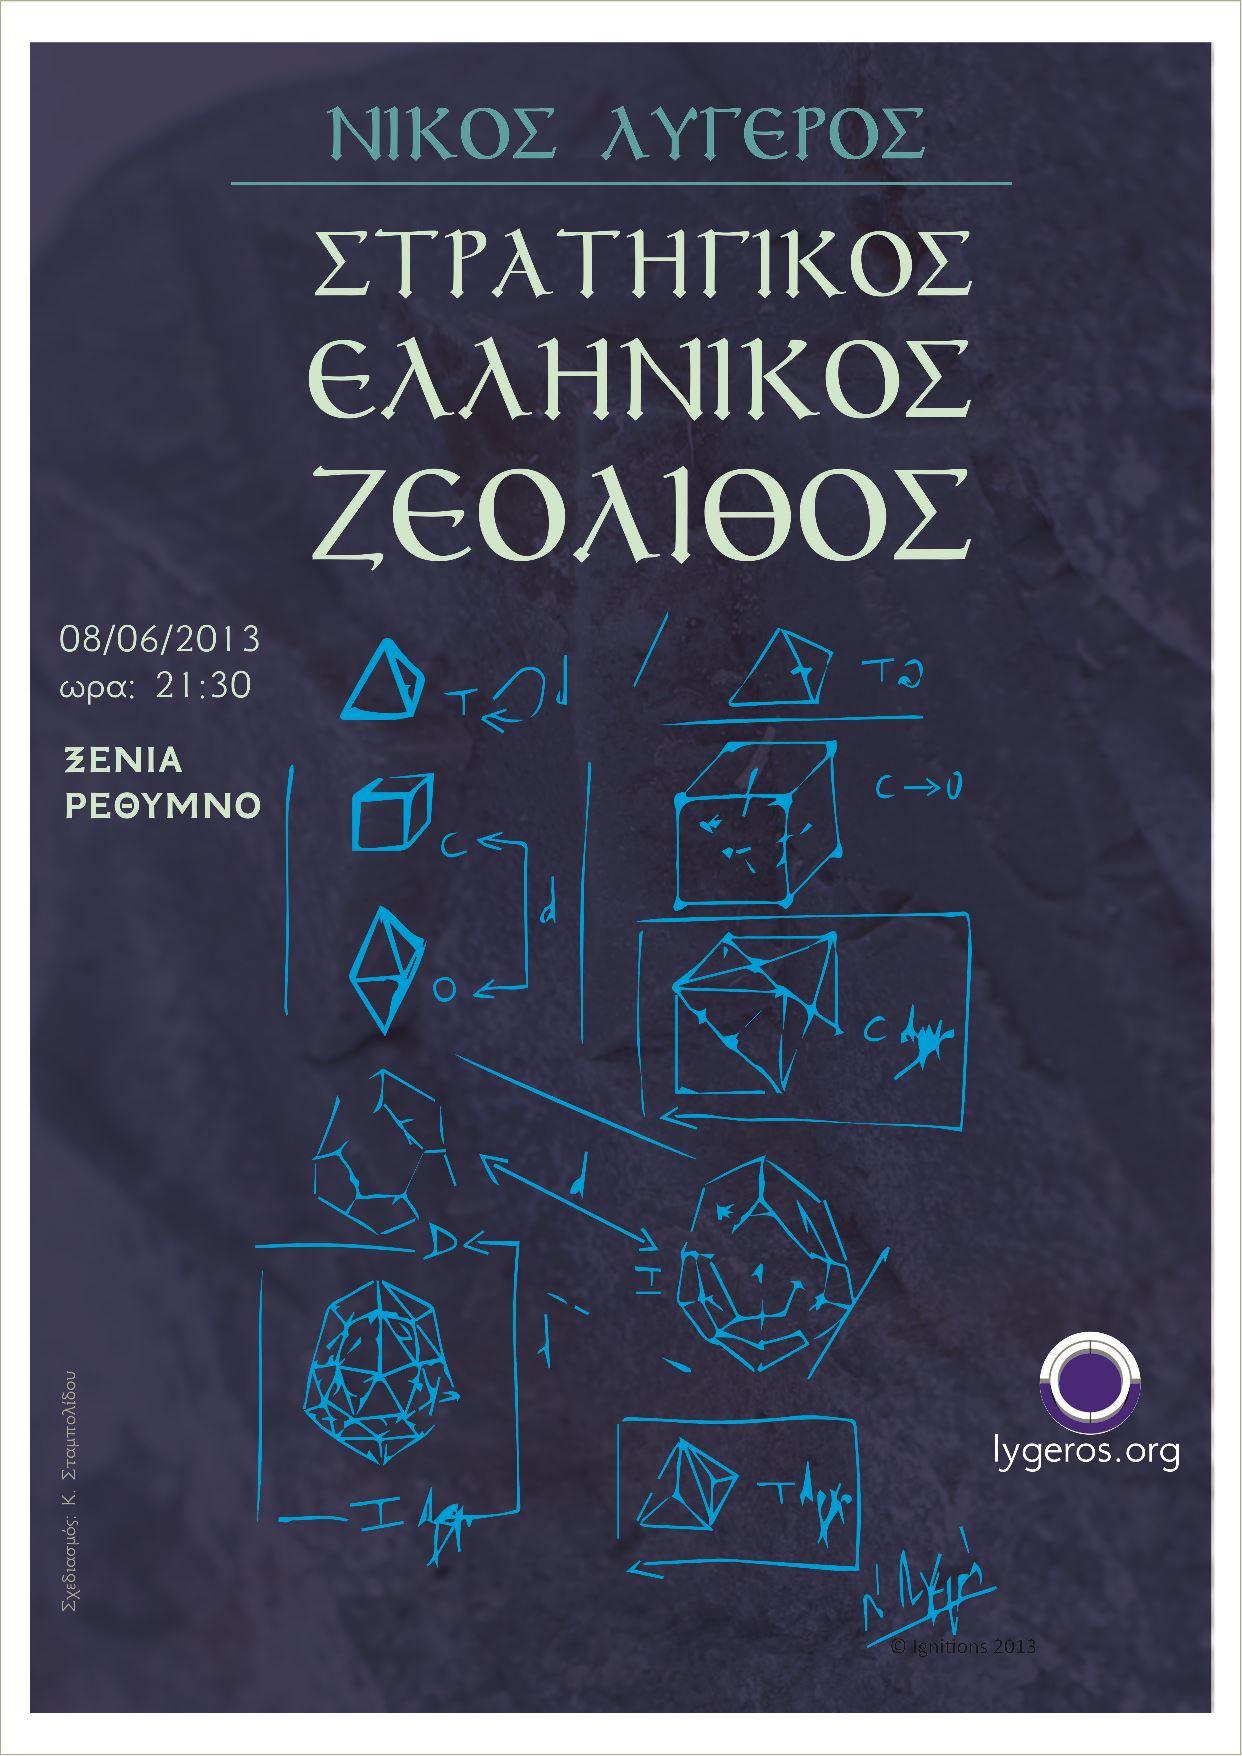 Στρατηγικός Ελληνικός Ζεόλιθος